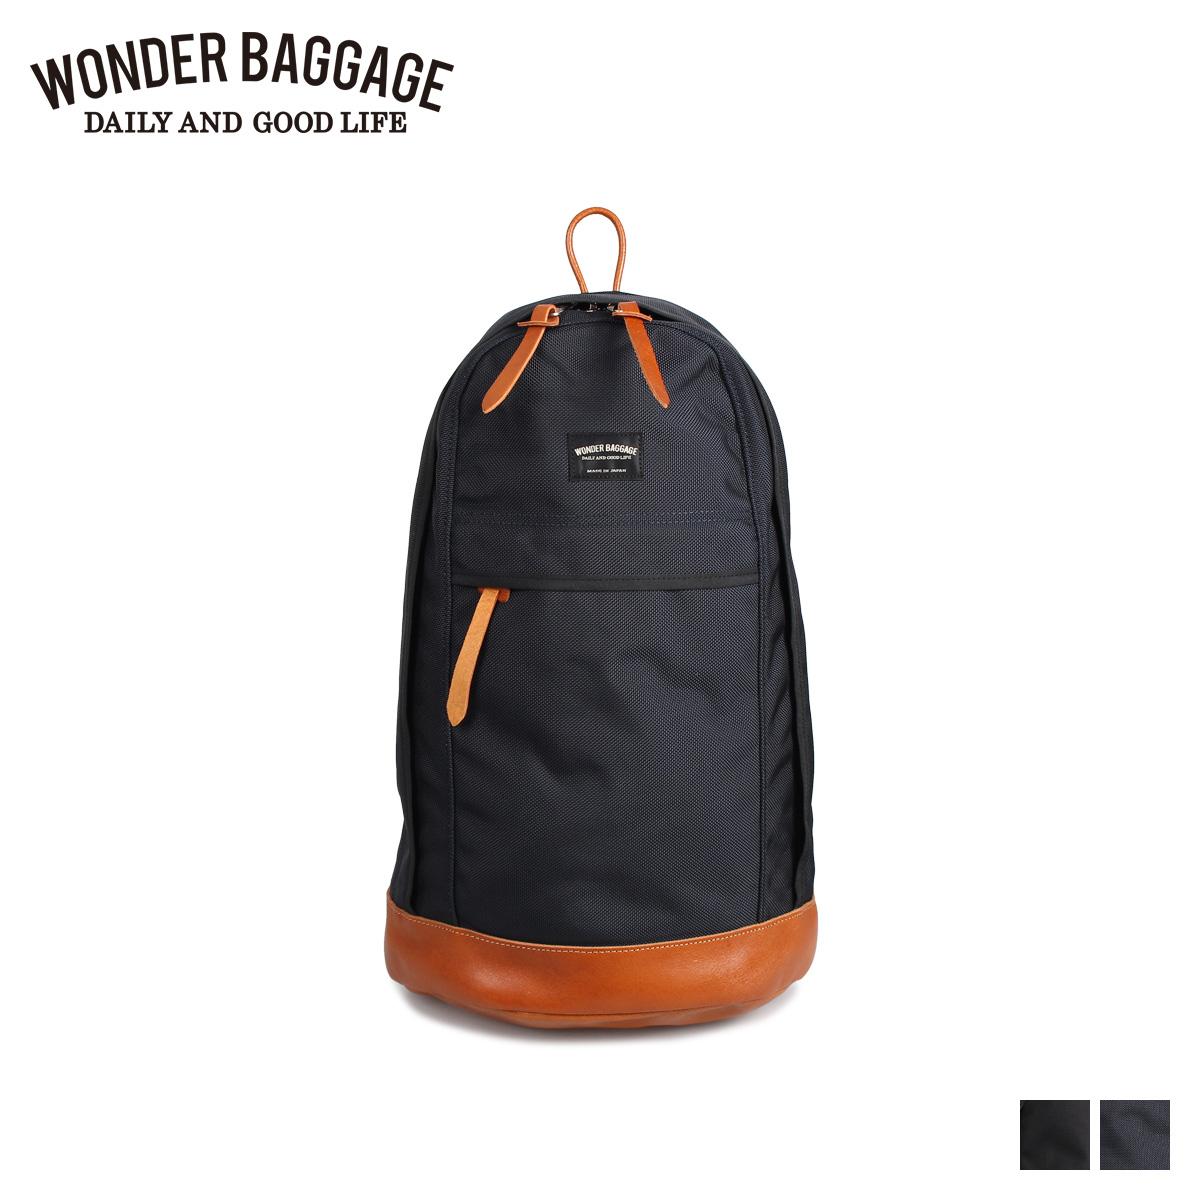 WONDER BAGGAGE ワンダーバゲージ リュック バッグ バックパック メンズ DATPACK ブラック ネイビー 黒 WB-G-001